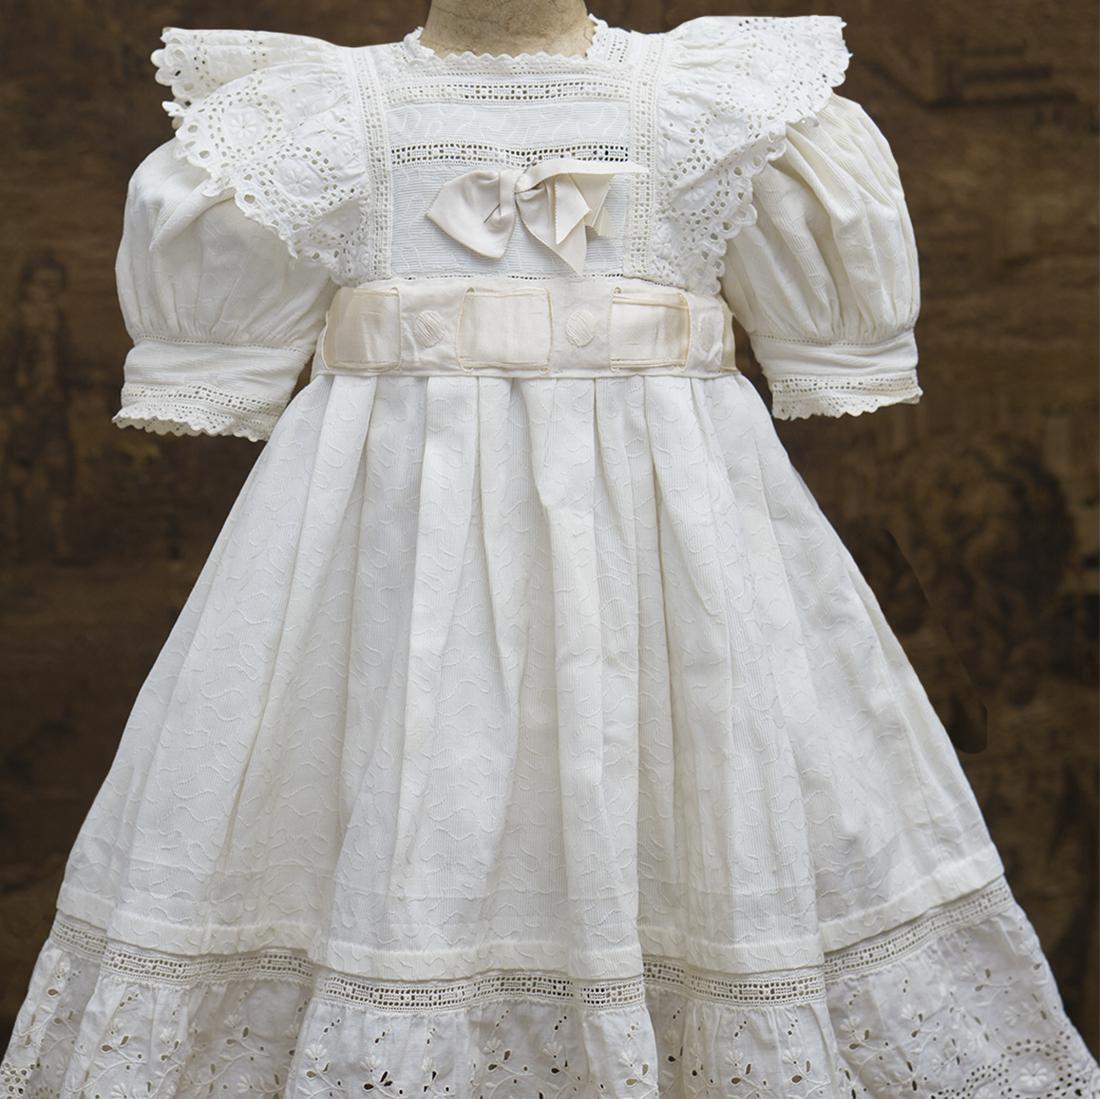 Antique Original Pique dress